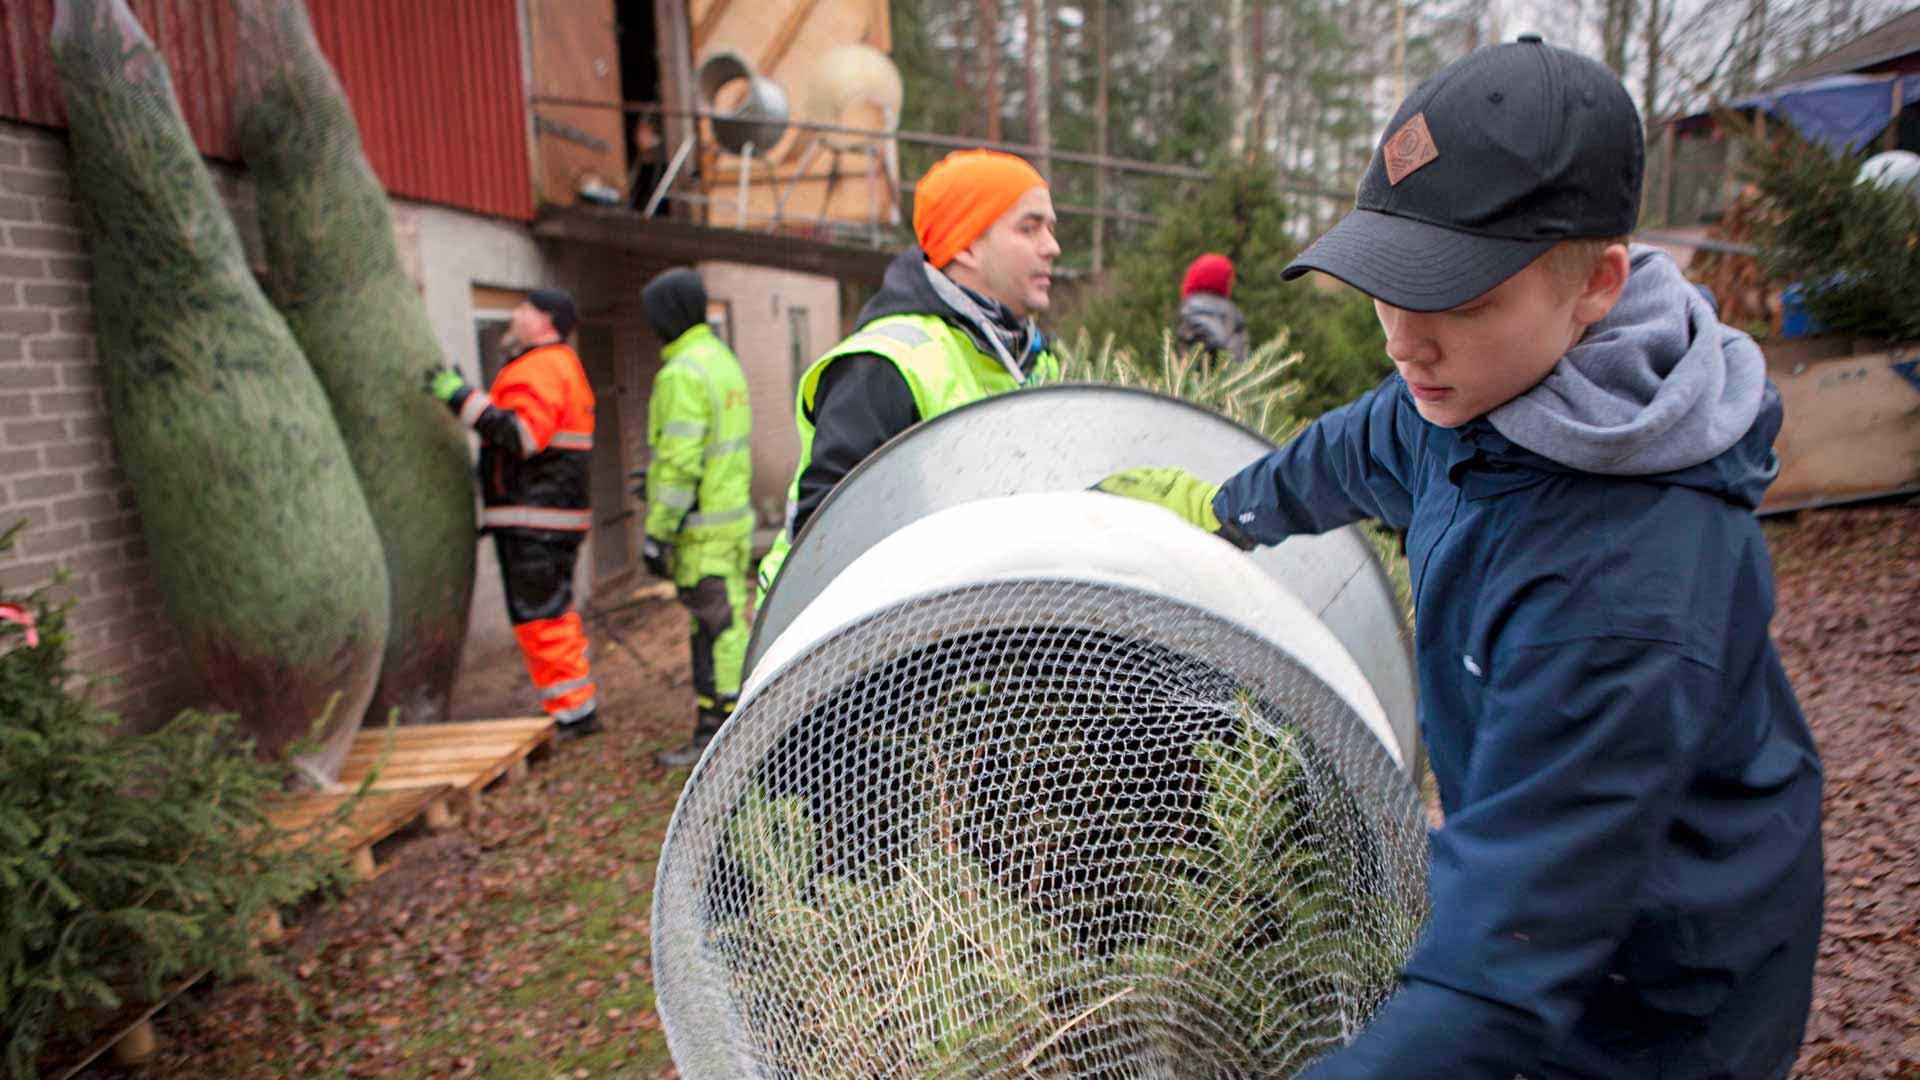 Pakkauslaitteella kuusen pussittaminen sujuu nopeasti. Tom Lindholm työntää ja Ilkka Leppänen ottaa vastaan. 15-vuotias Leppänen on talkooporukan nuorin.